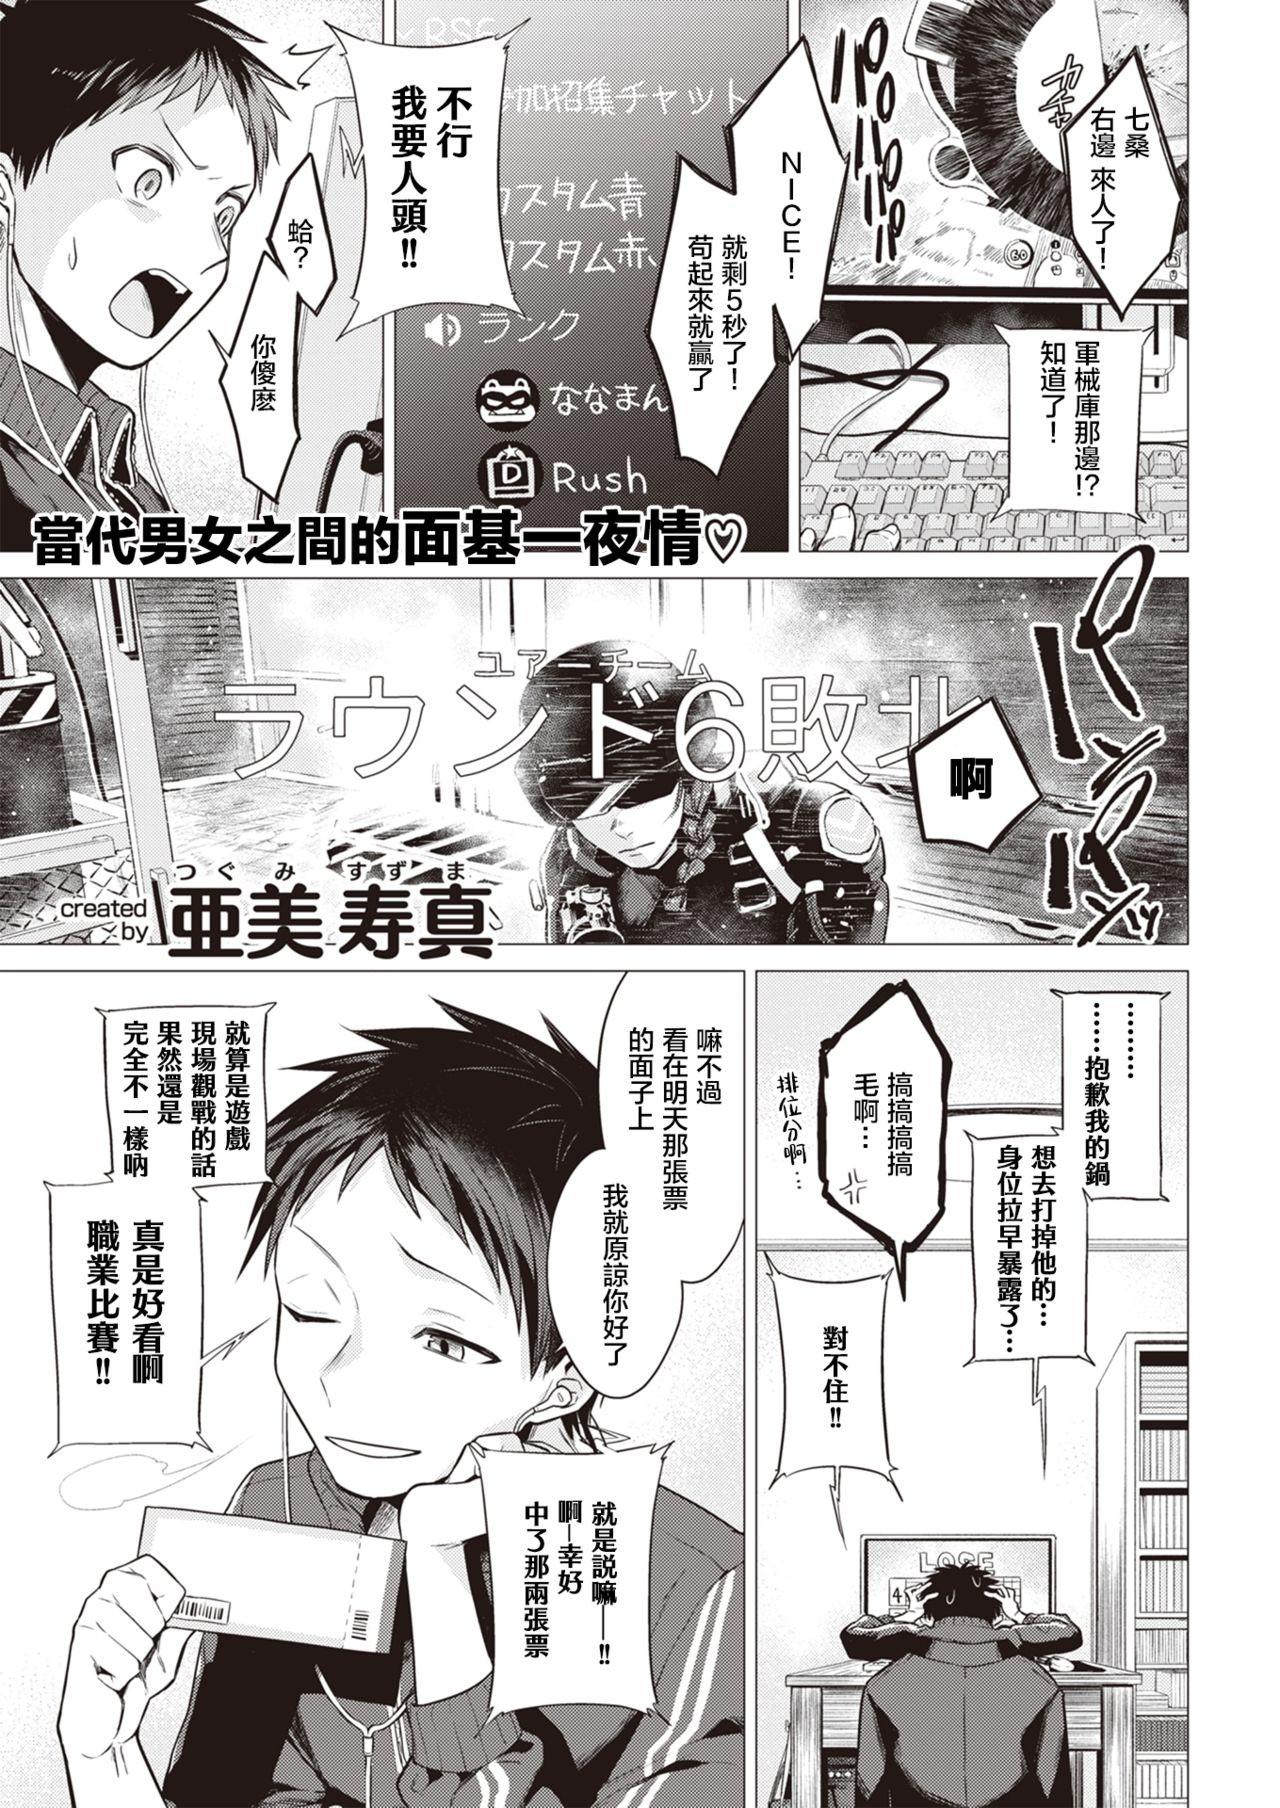 [亜美寿真] ななまん (COMIC 快楽天 2020年6月号) [中国翻訳] [DL版]-IACG.RIP